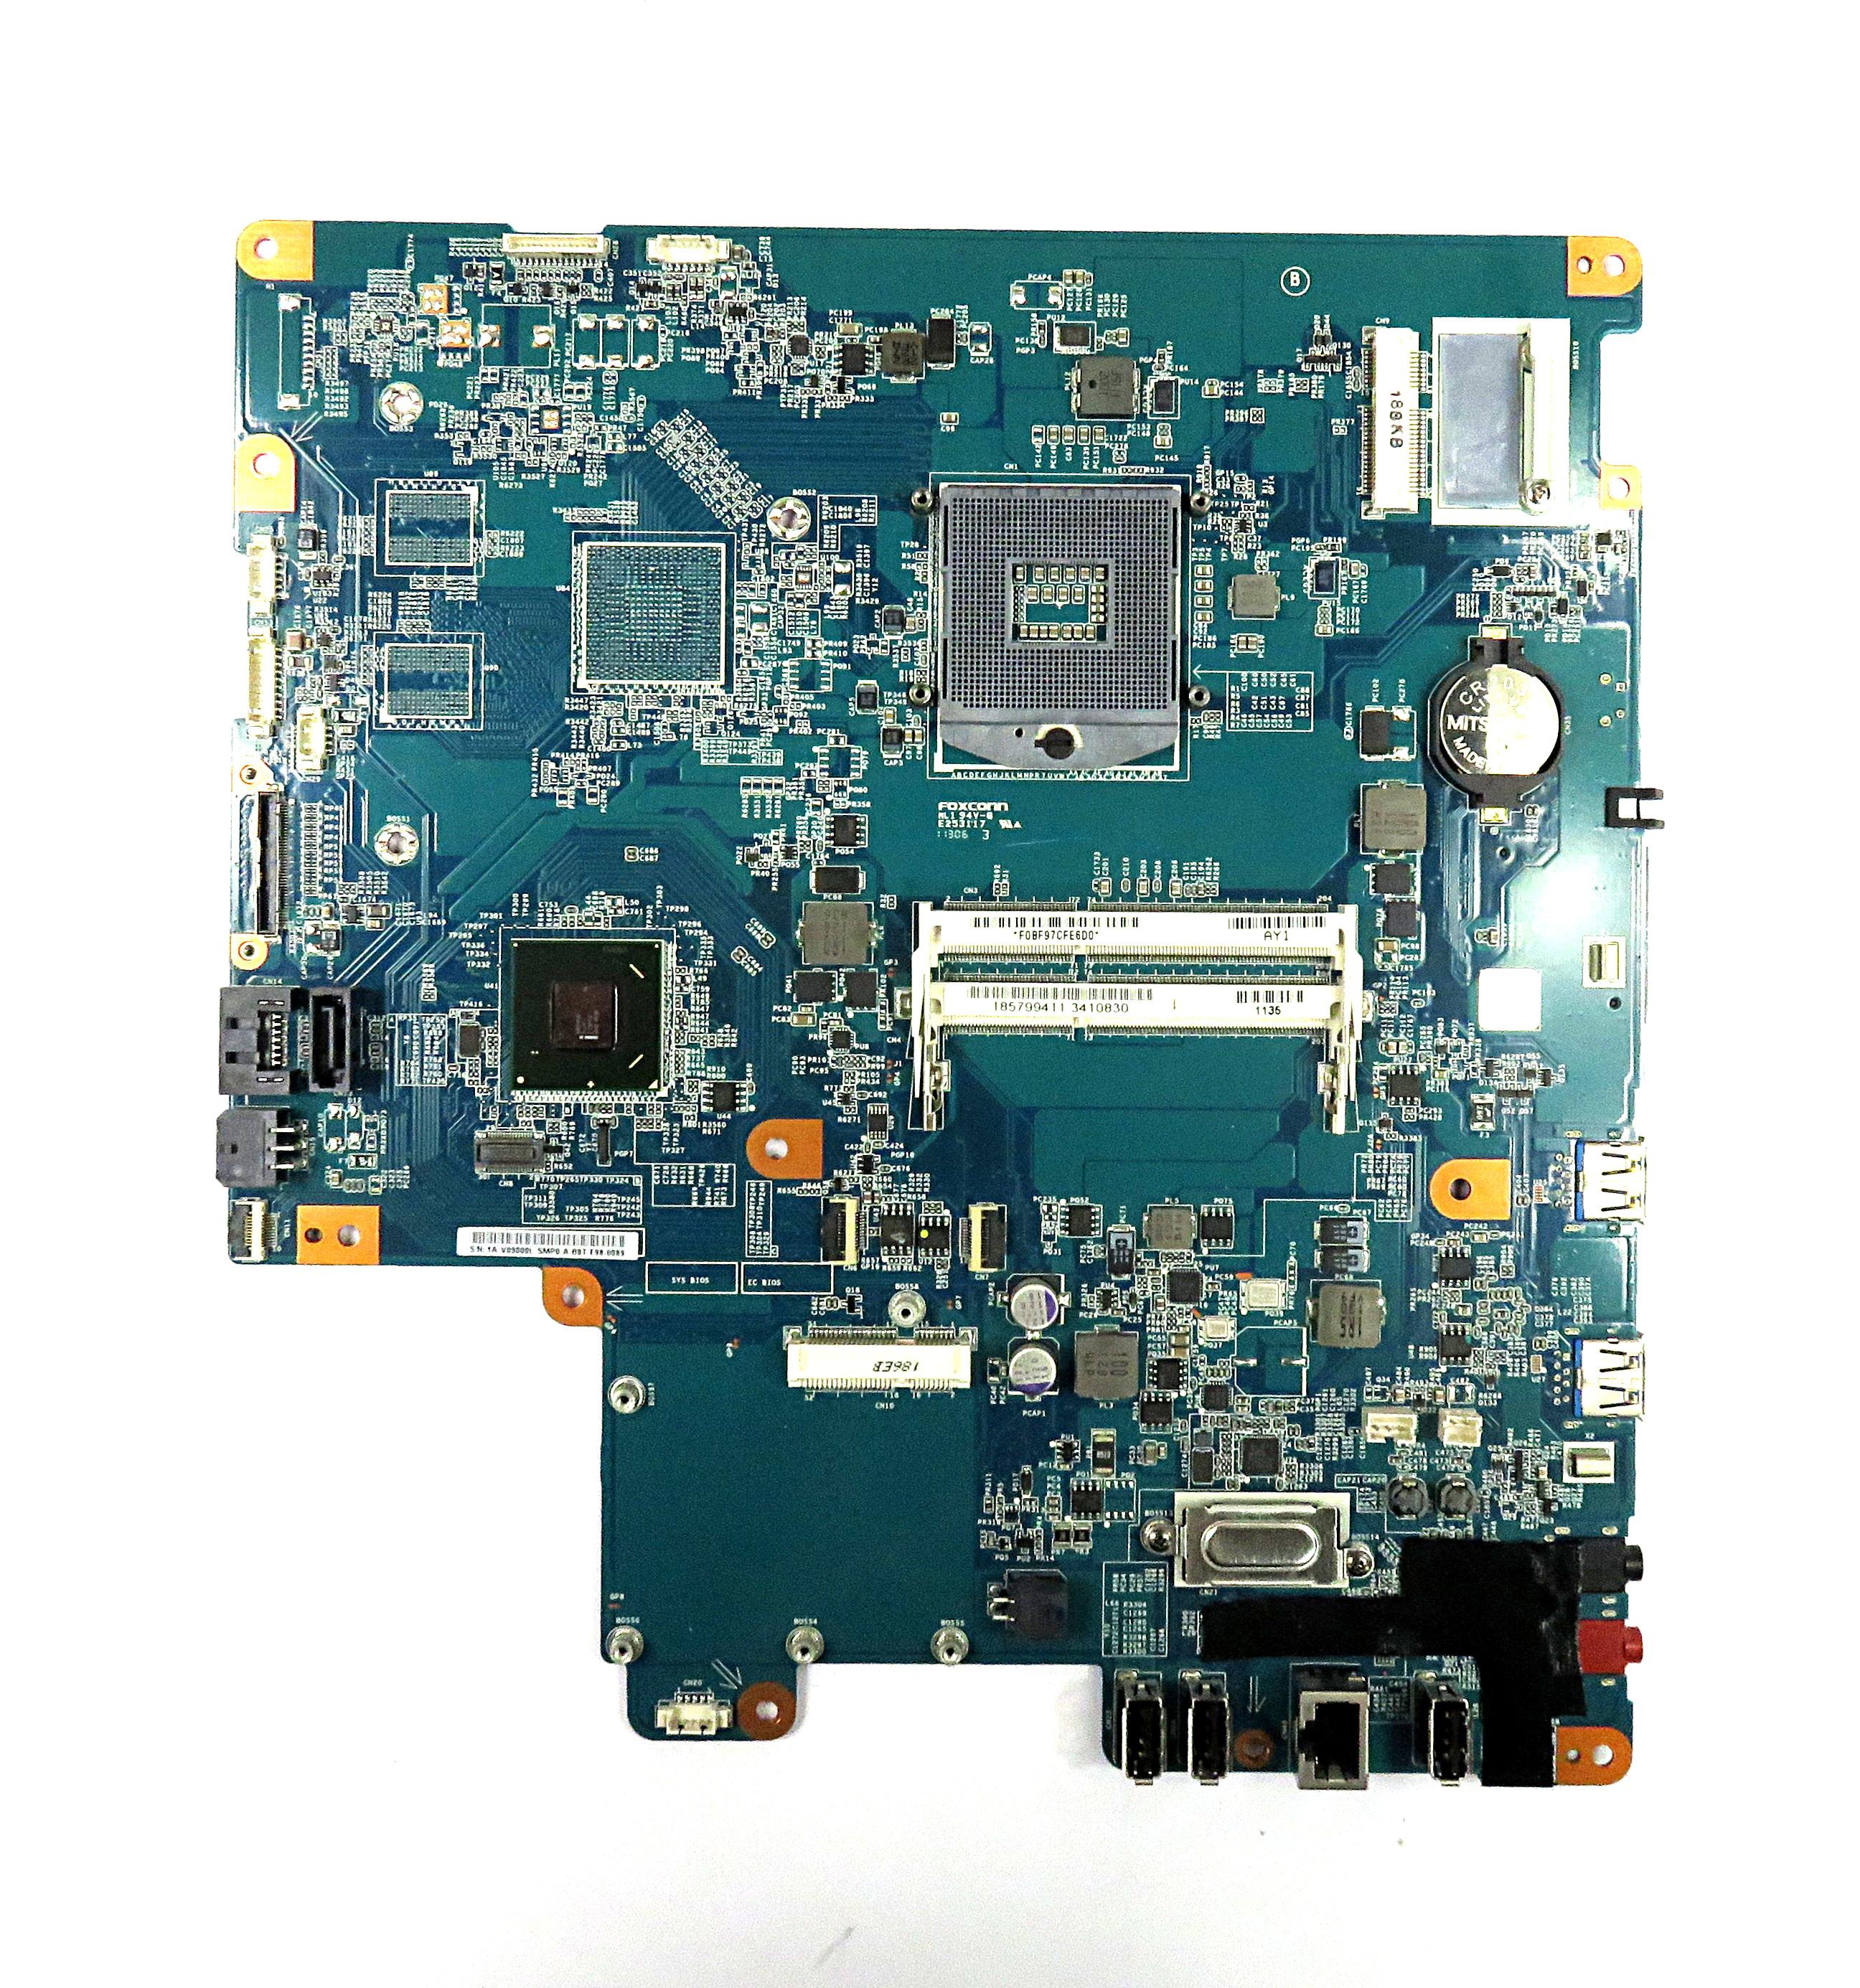 Sony  rPGA-988B Motherboard f/ PCG-11411M AiO 1P-0113J03-6011 185799411 MBX-246